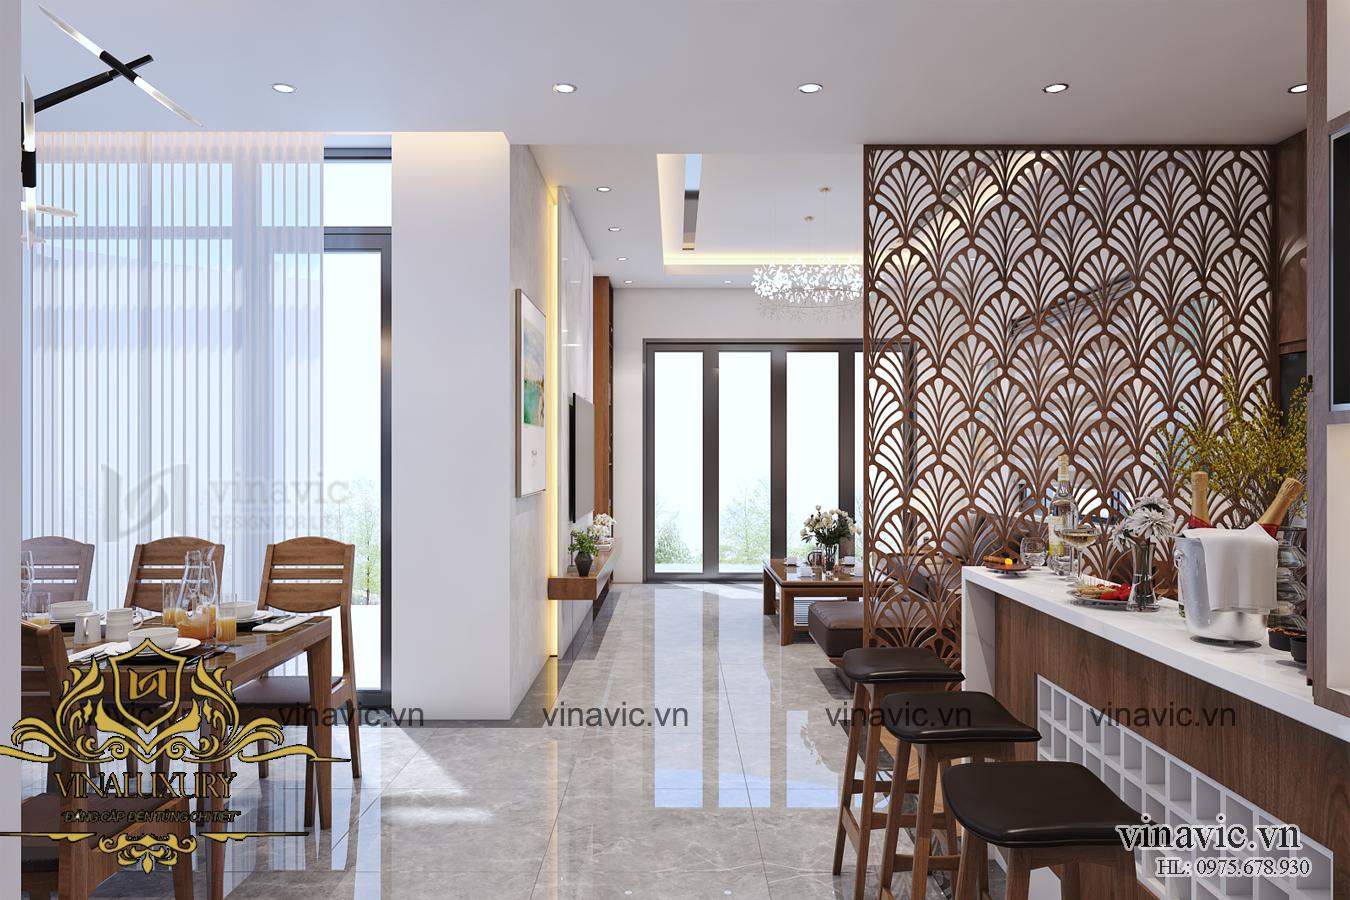 Thiết kế nội thất đẹp phong cách hiện đại sang trọng ở Nghệ An NT2010